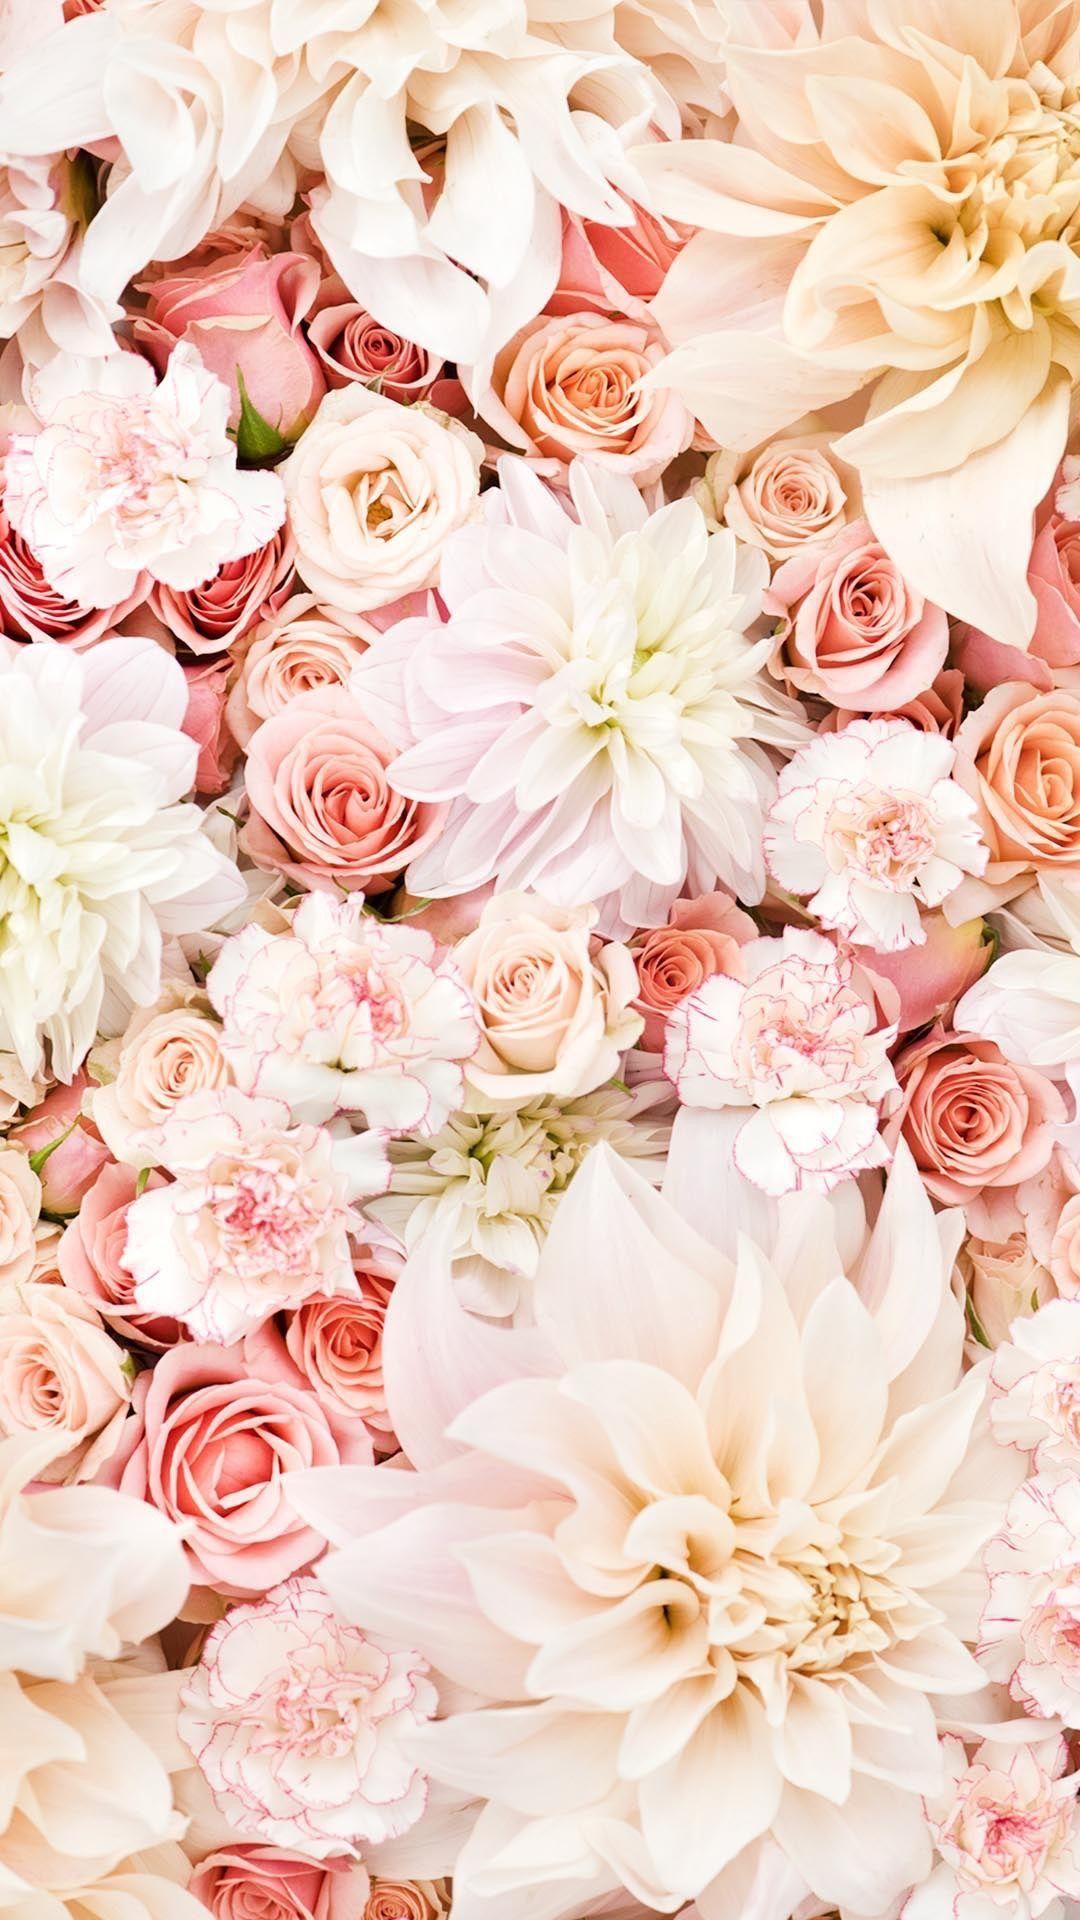 Pin von Dara Chong auf Frascos | Pinterest | Hintergrundbilder ...